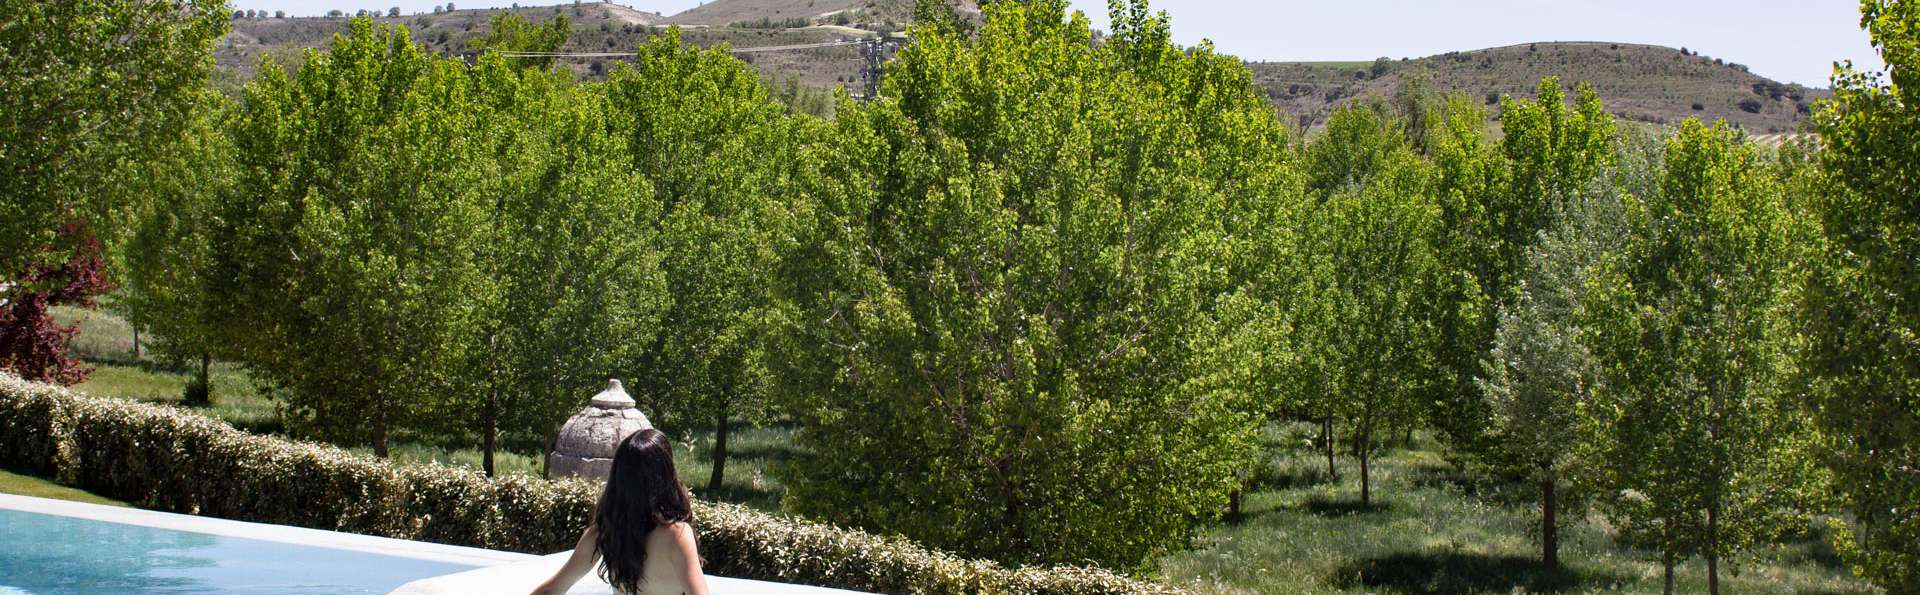 Castilla Termal Monasterio de Valbuena - EDIT_POOL_05.jpg